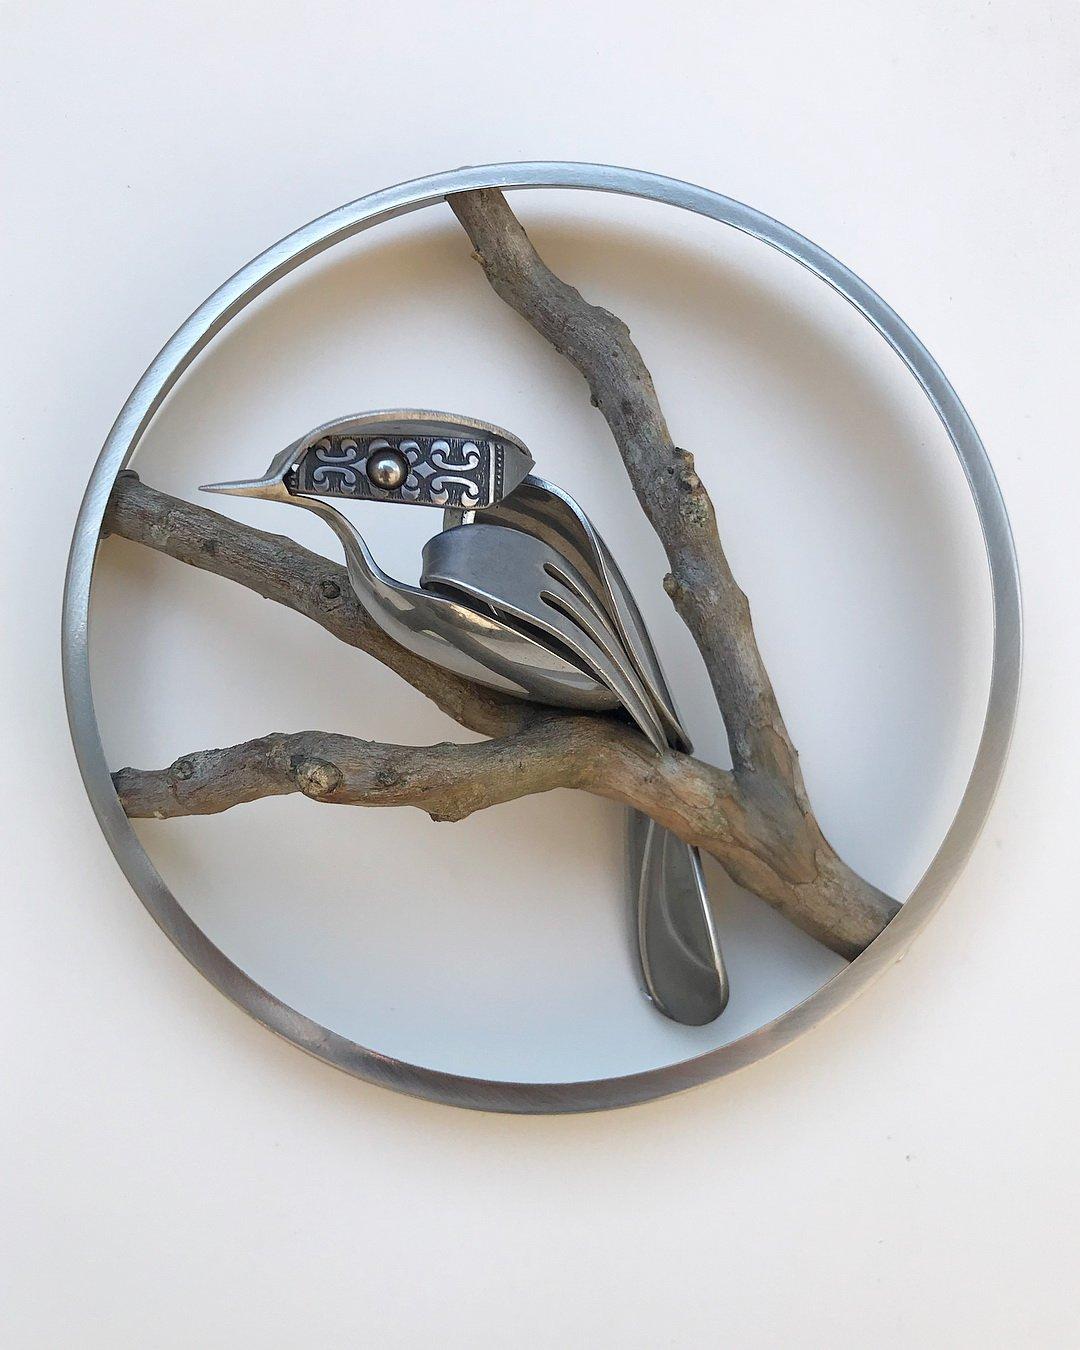 Реалистичные скульптуры птиц из старых вилок и ложек